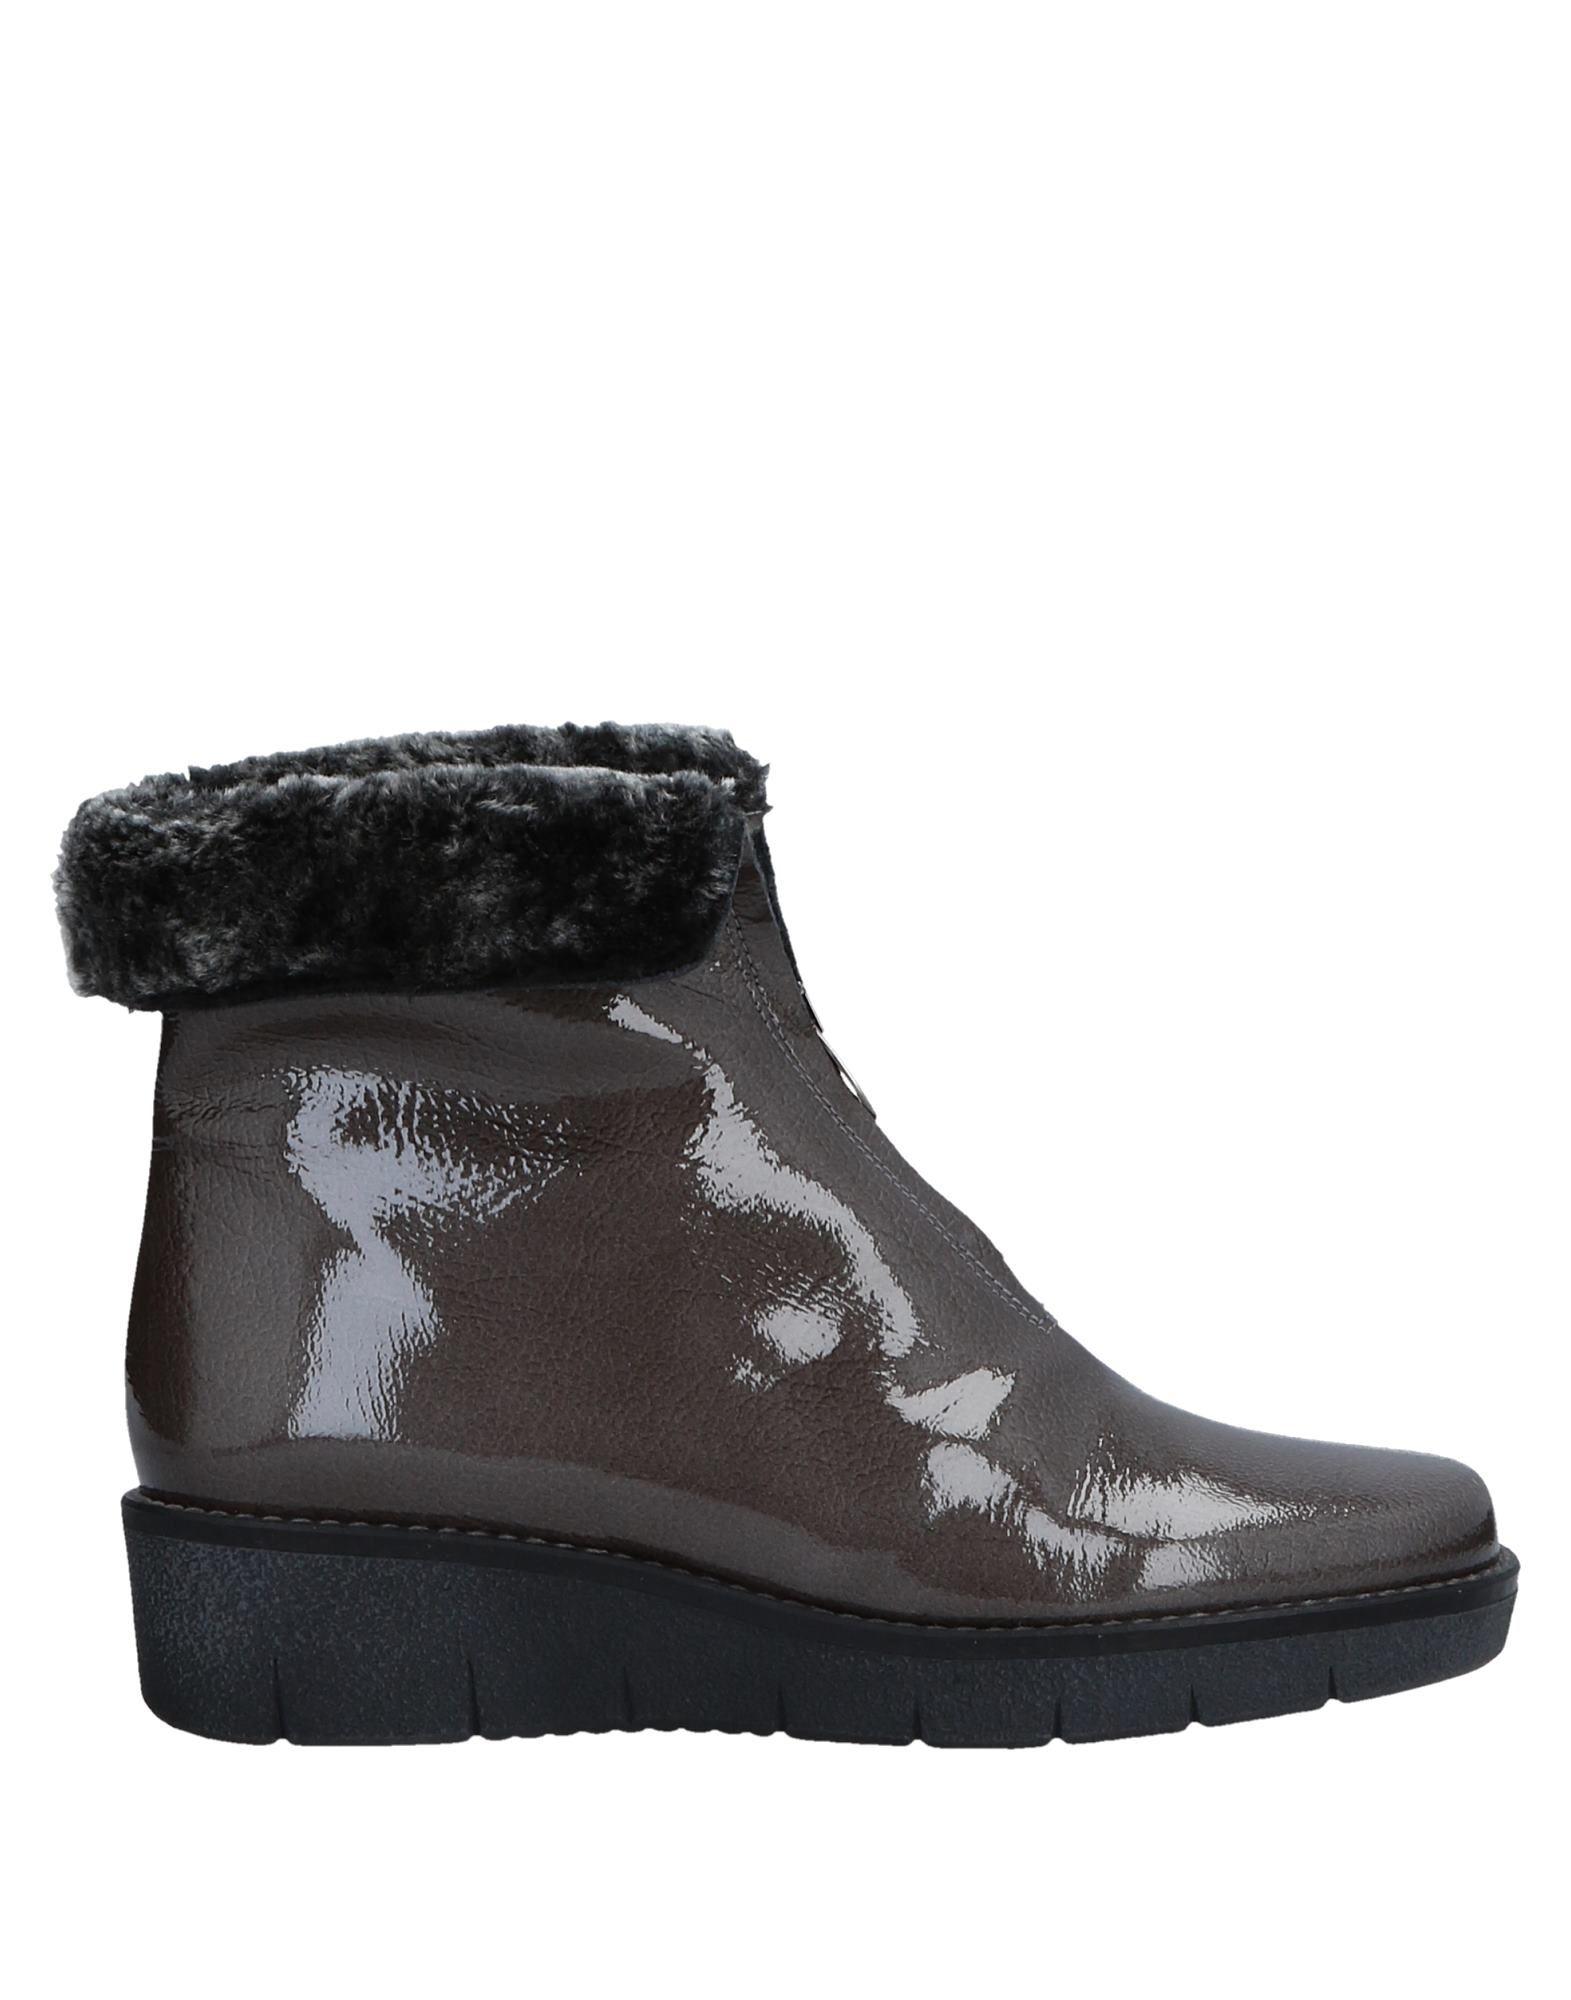 Toni Pons Stiefelette Damen  11520403VI Gute Qualität beliebte Schuhe